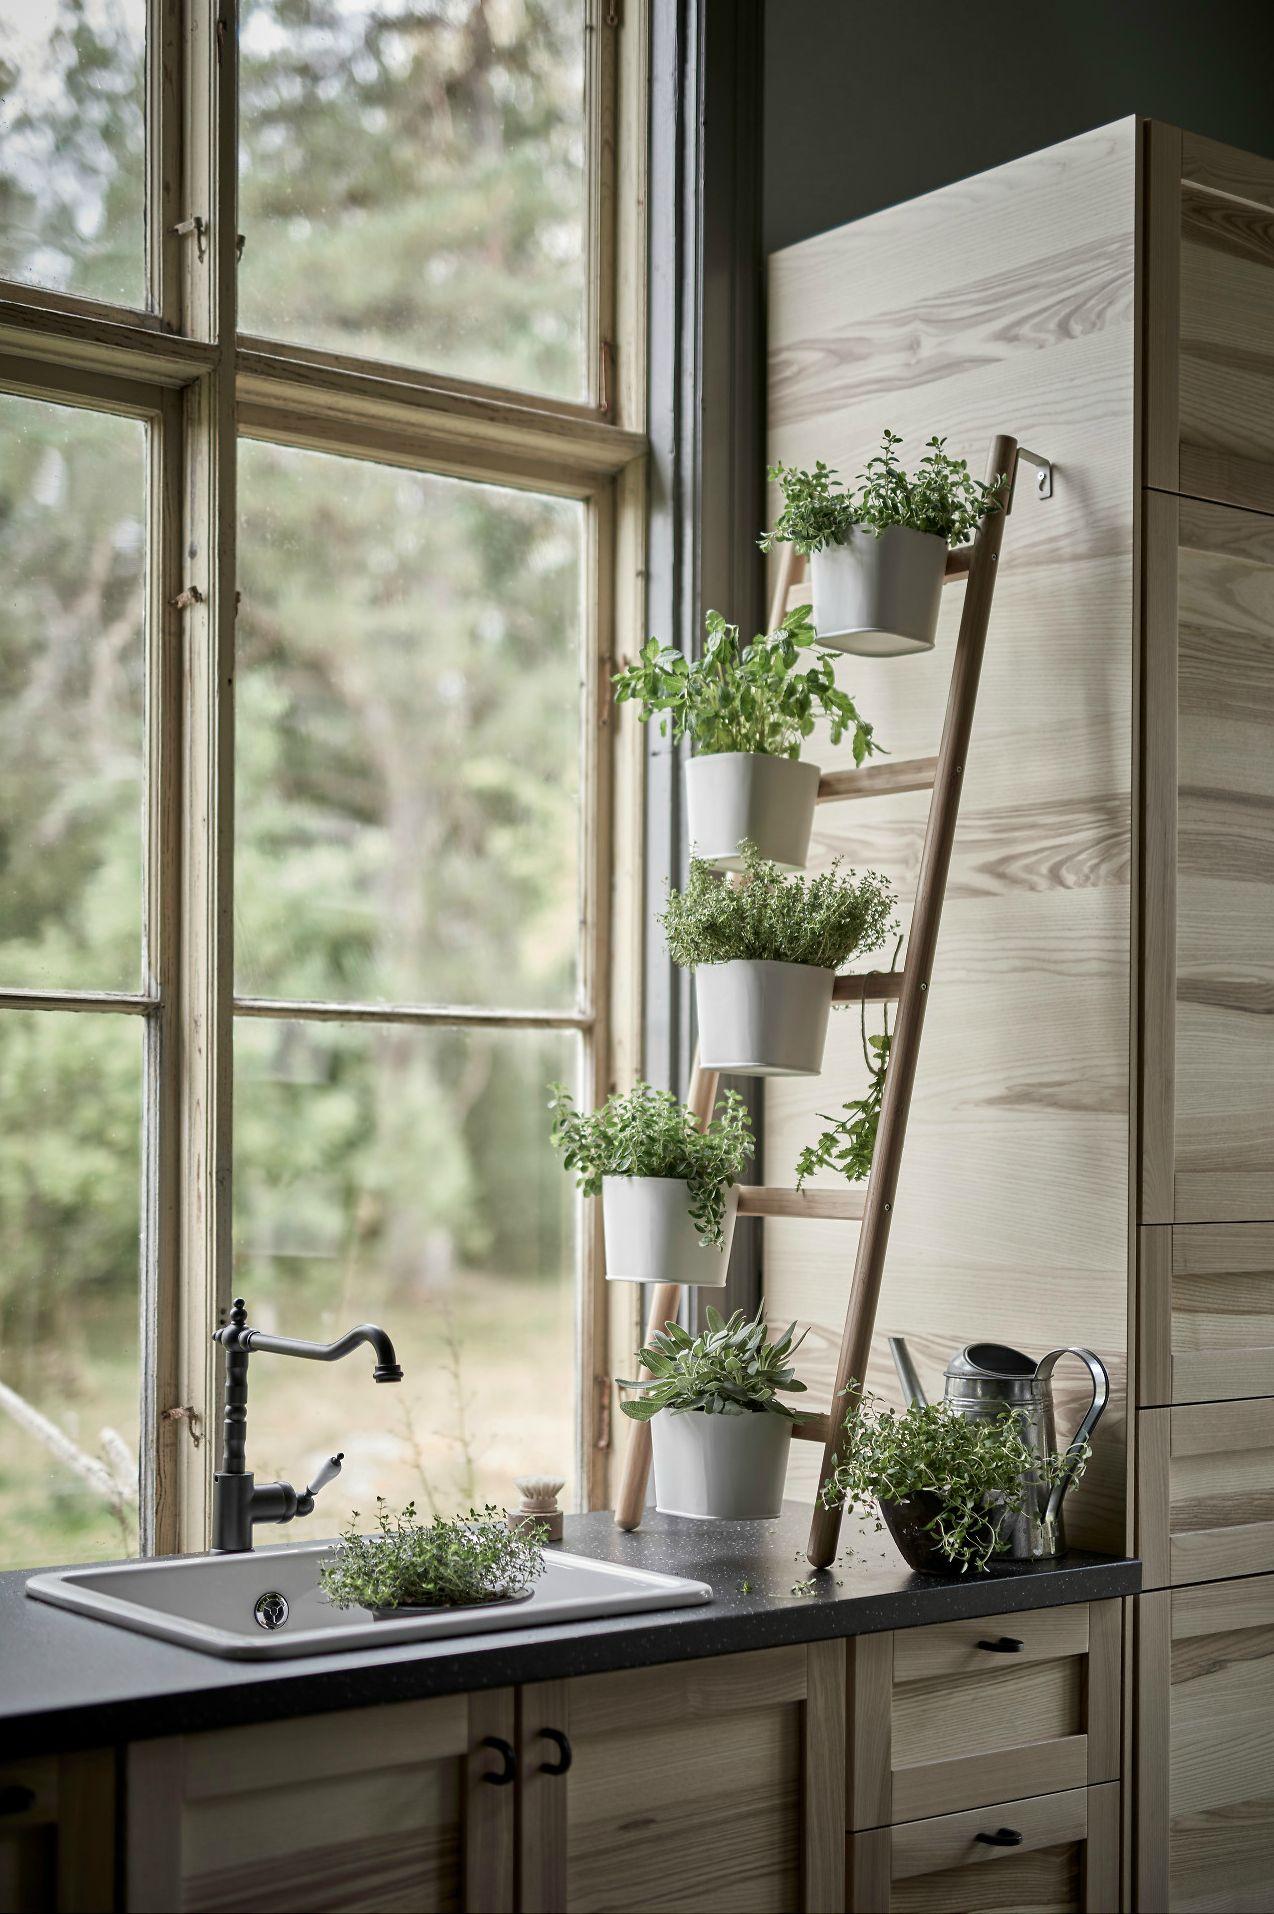 les 25 meilleures id es de la cat gorie support plante sur pinterest spring air back supporter. Black Bedroom Furniture Sets. Home Design Ideas